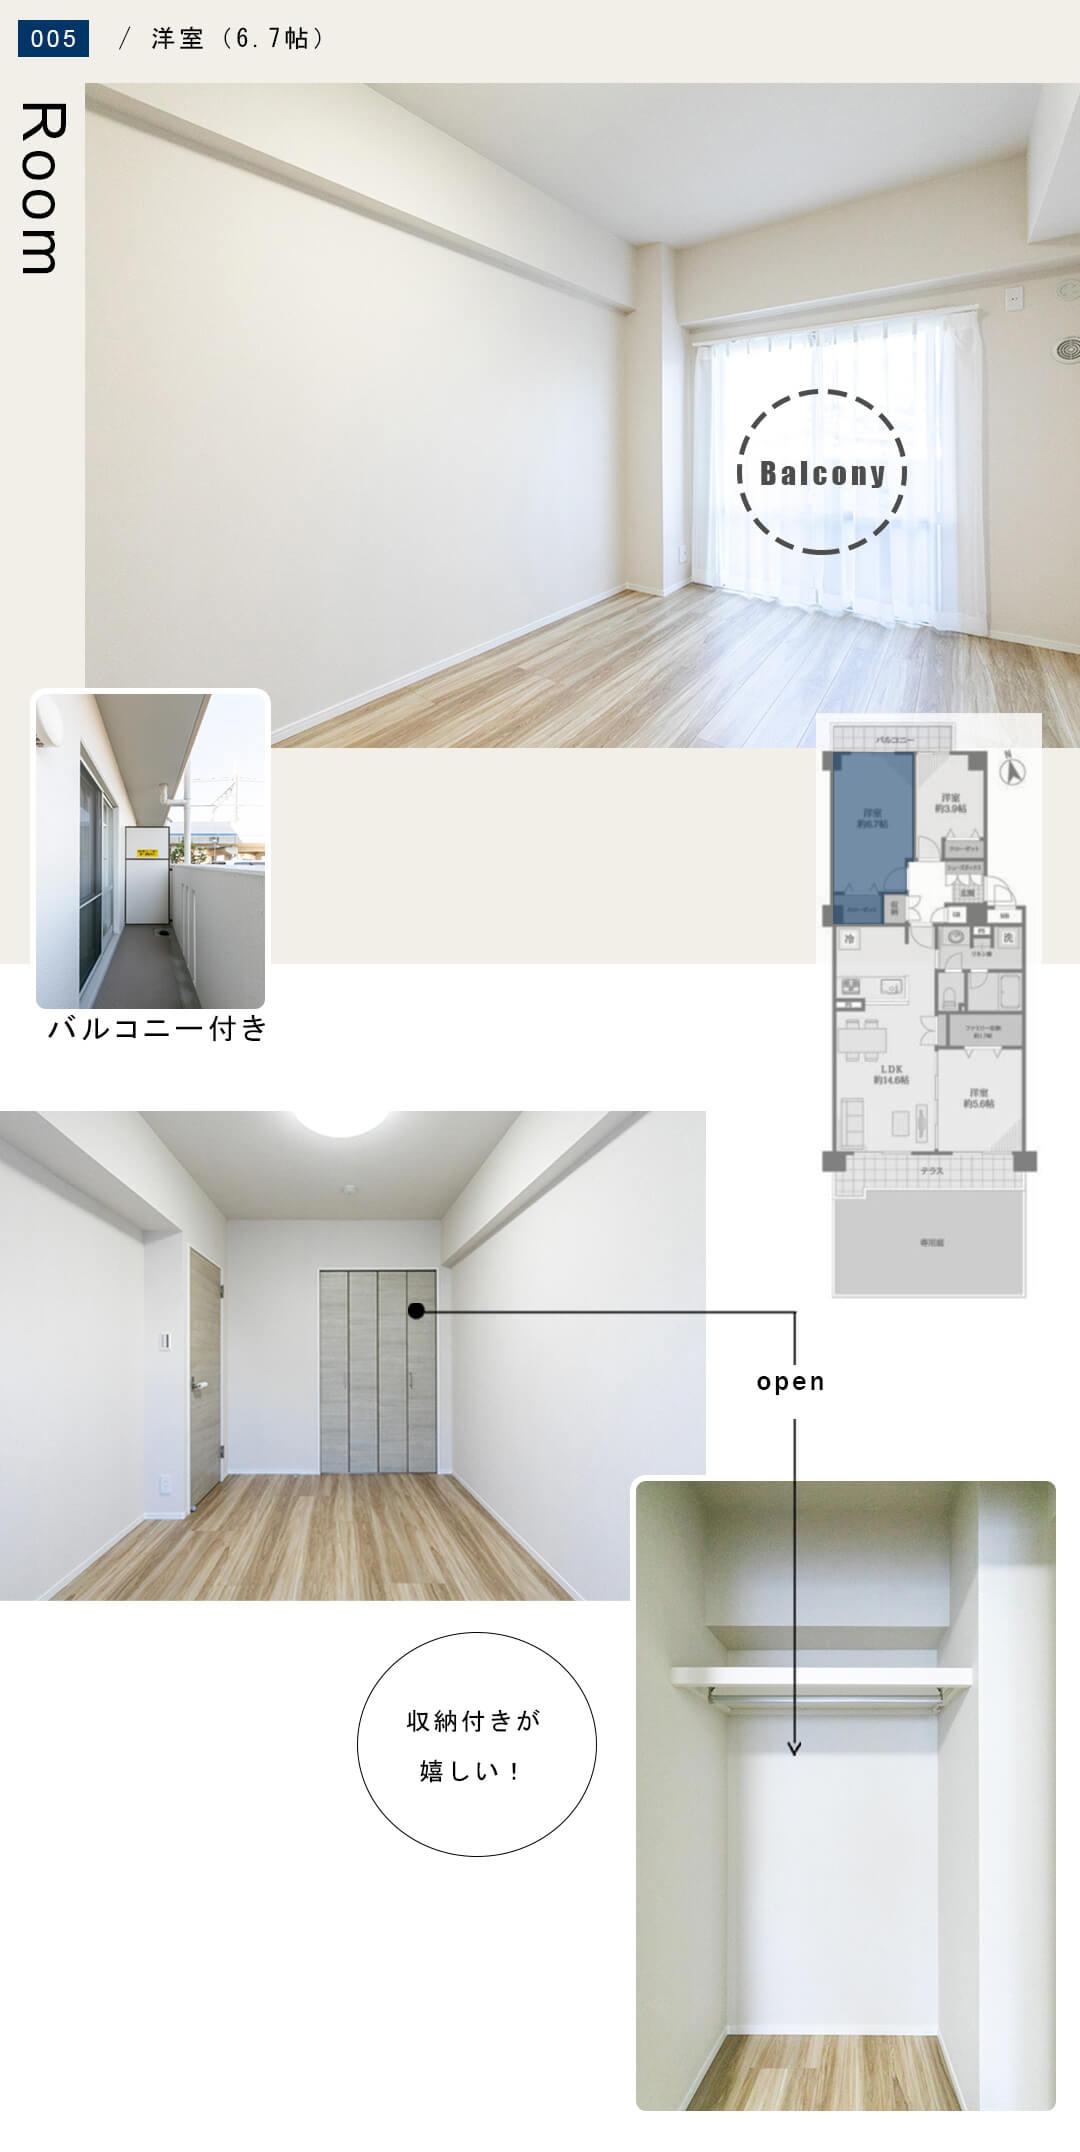 コープ野村日吉 103の洋室(約6.7帖)